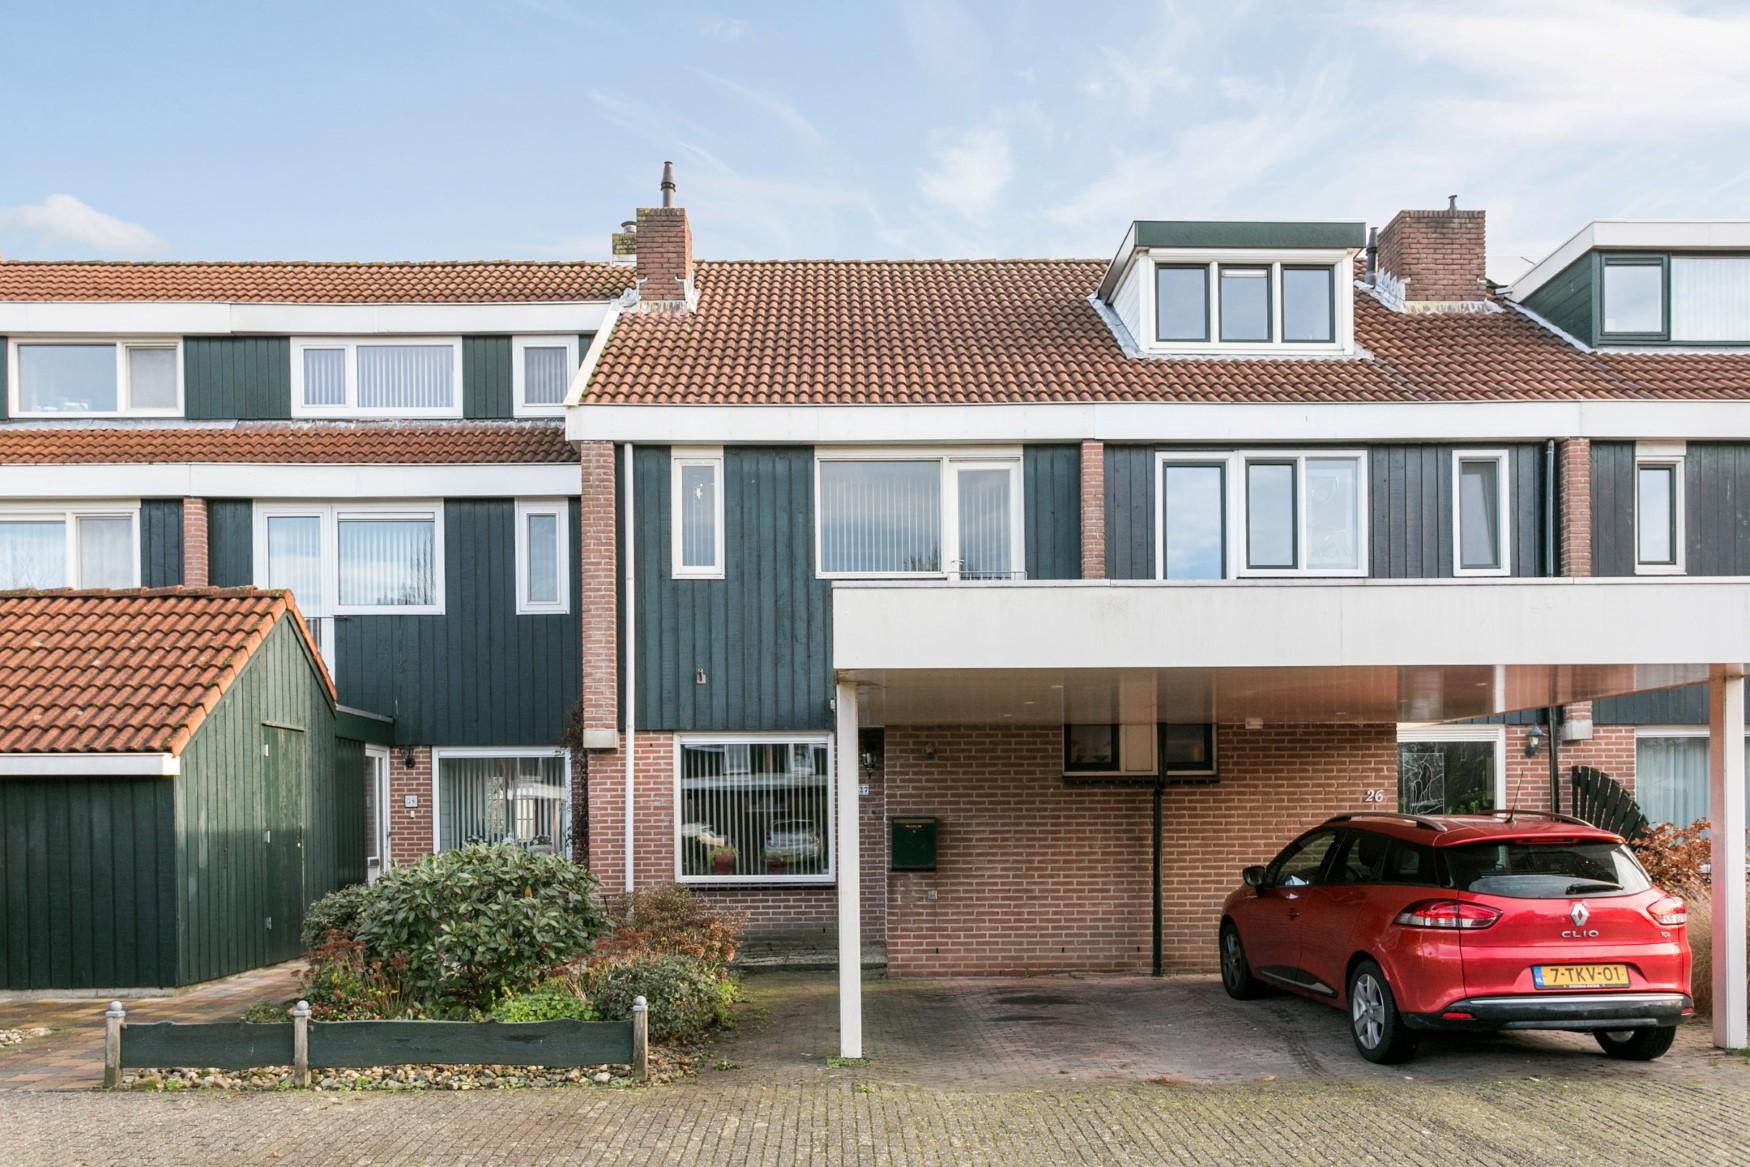 5db9e3ce7fc VERKOCHT: Het Gangwerk 27, Hoorn - Westfries Goed Makelaars & Adviseurs